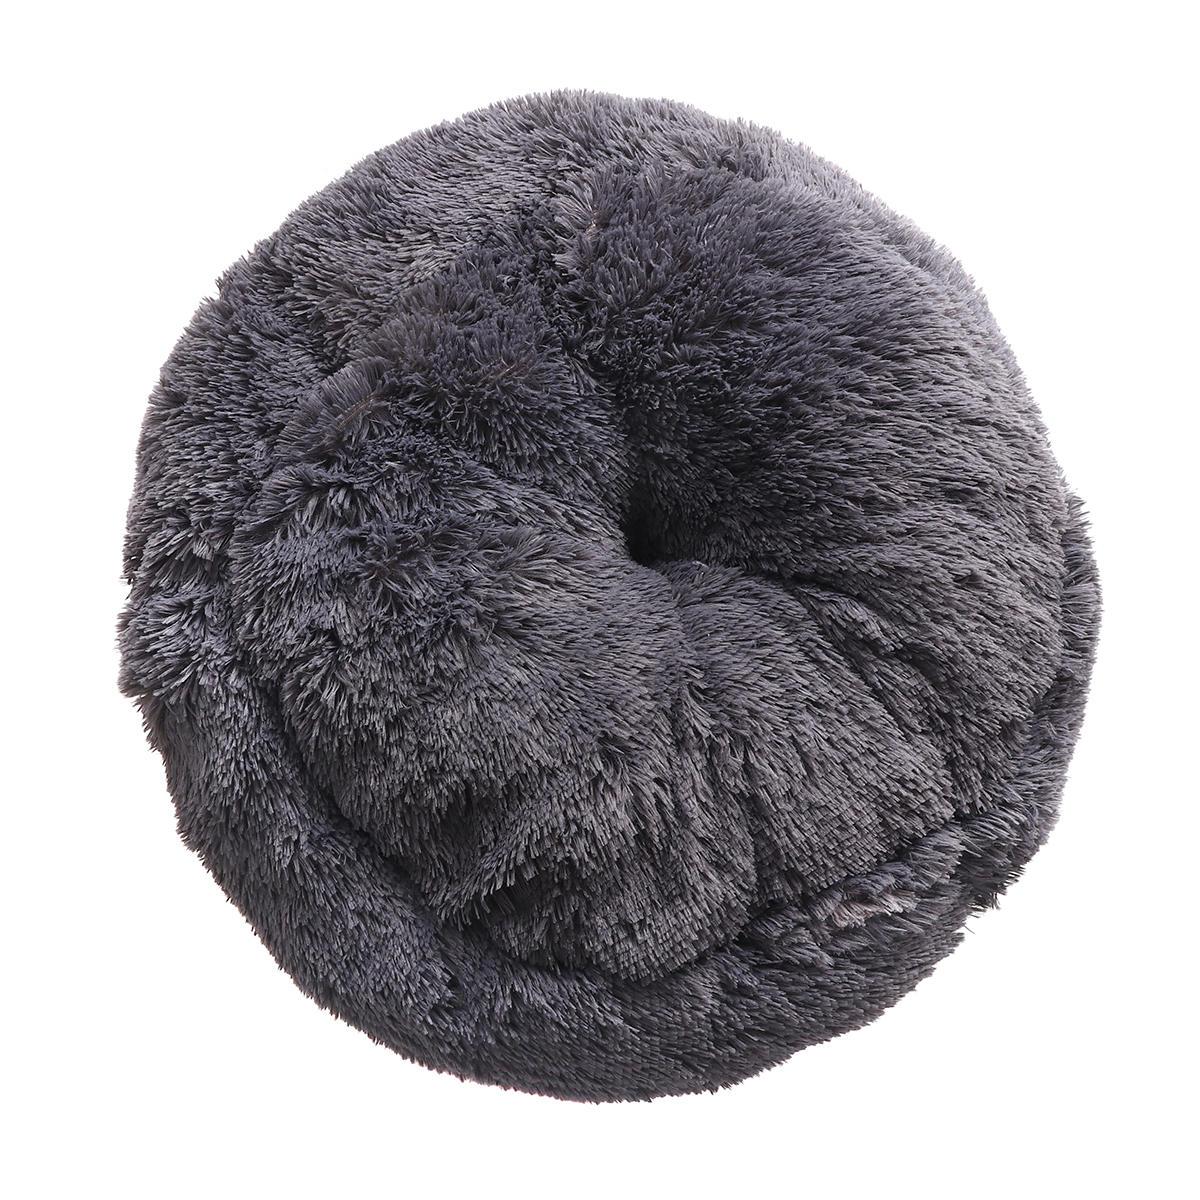 冬洗えるラウンドSoftペット犬猫暖かいマット睡眠ベッドマット